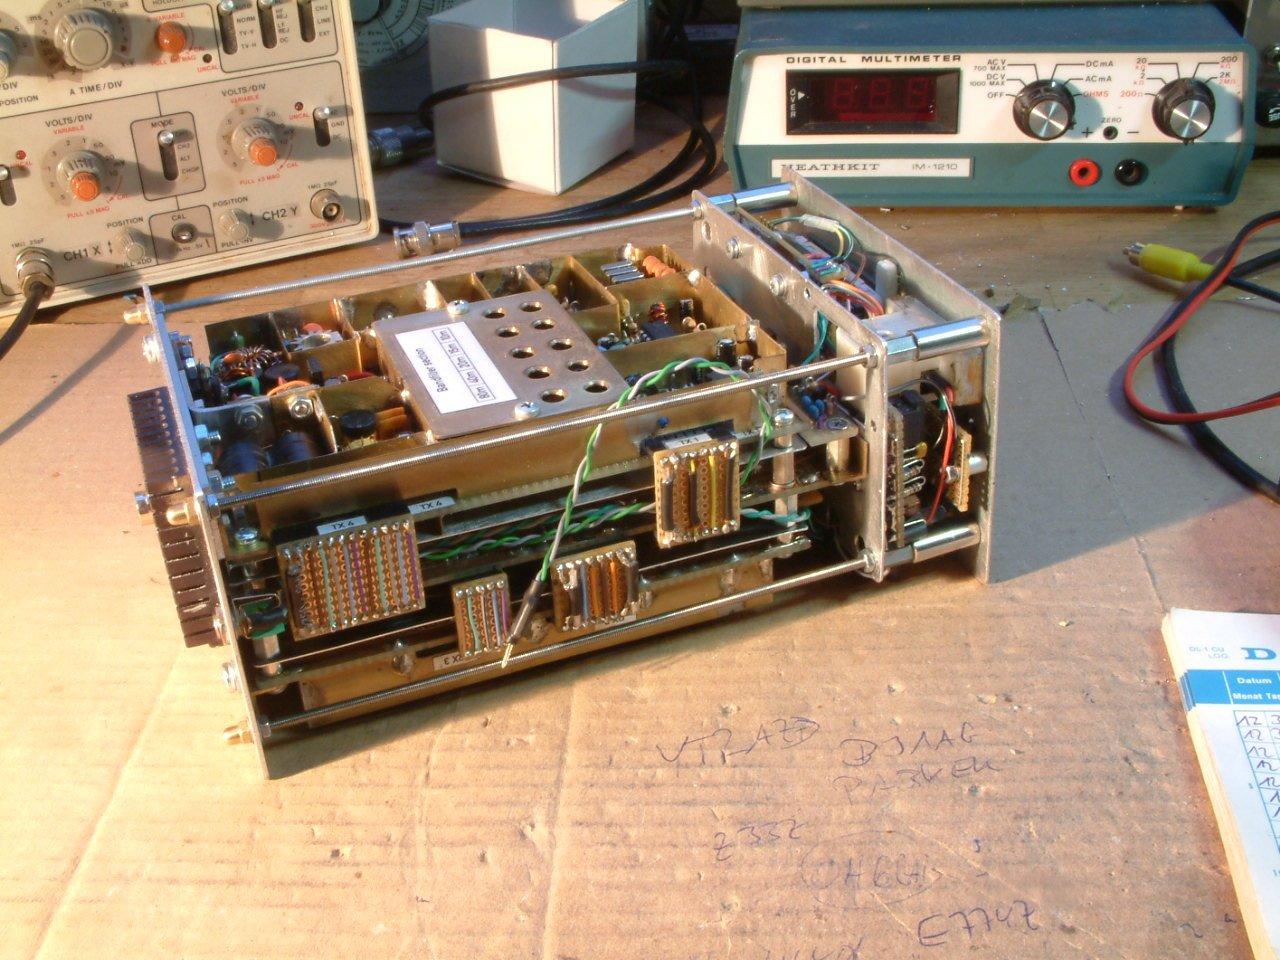 5 band 10 watts QRP SSB transceiver ( (C) 2016 Peter Rachow - DK7IH)